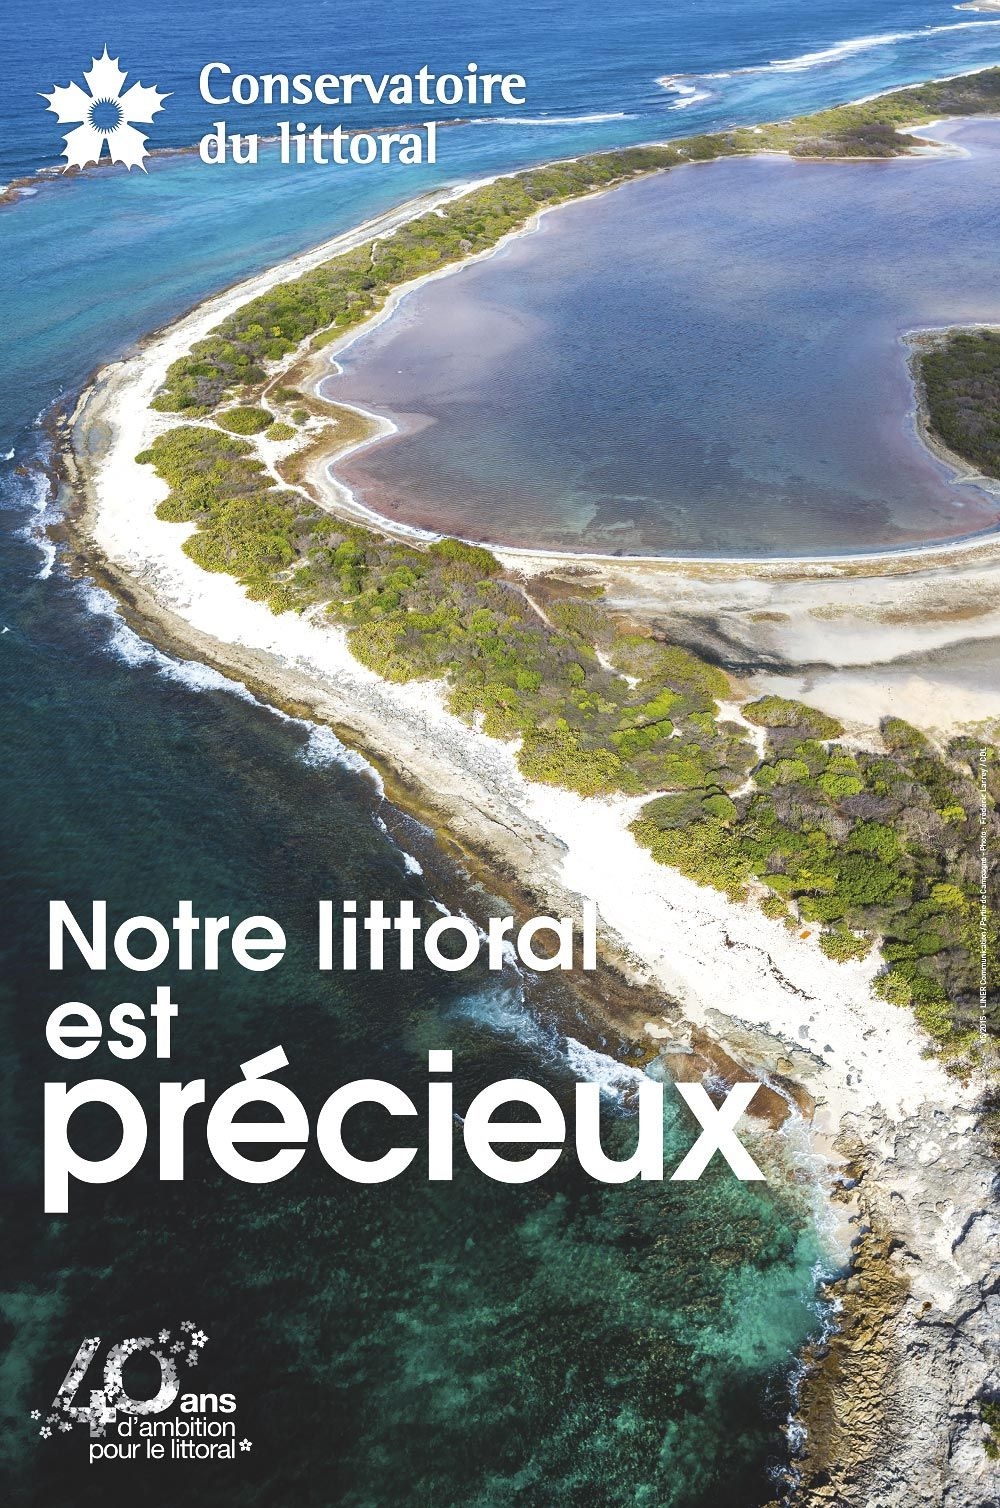 Affiche du Conservatoire du littoral